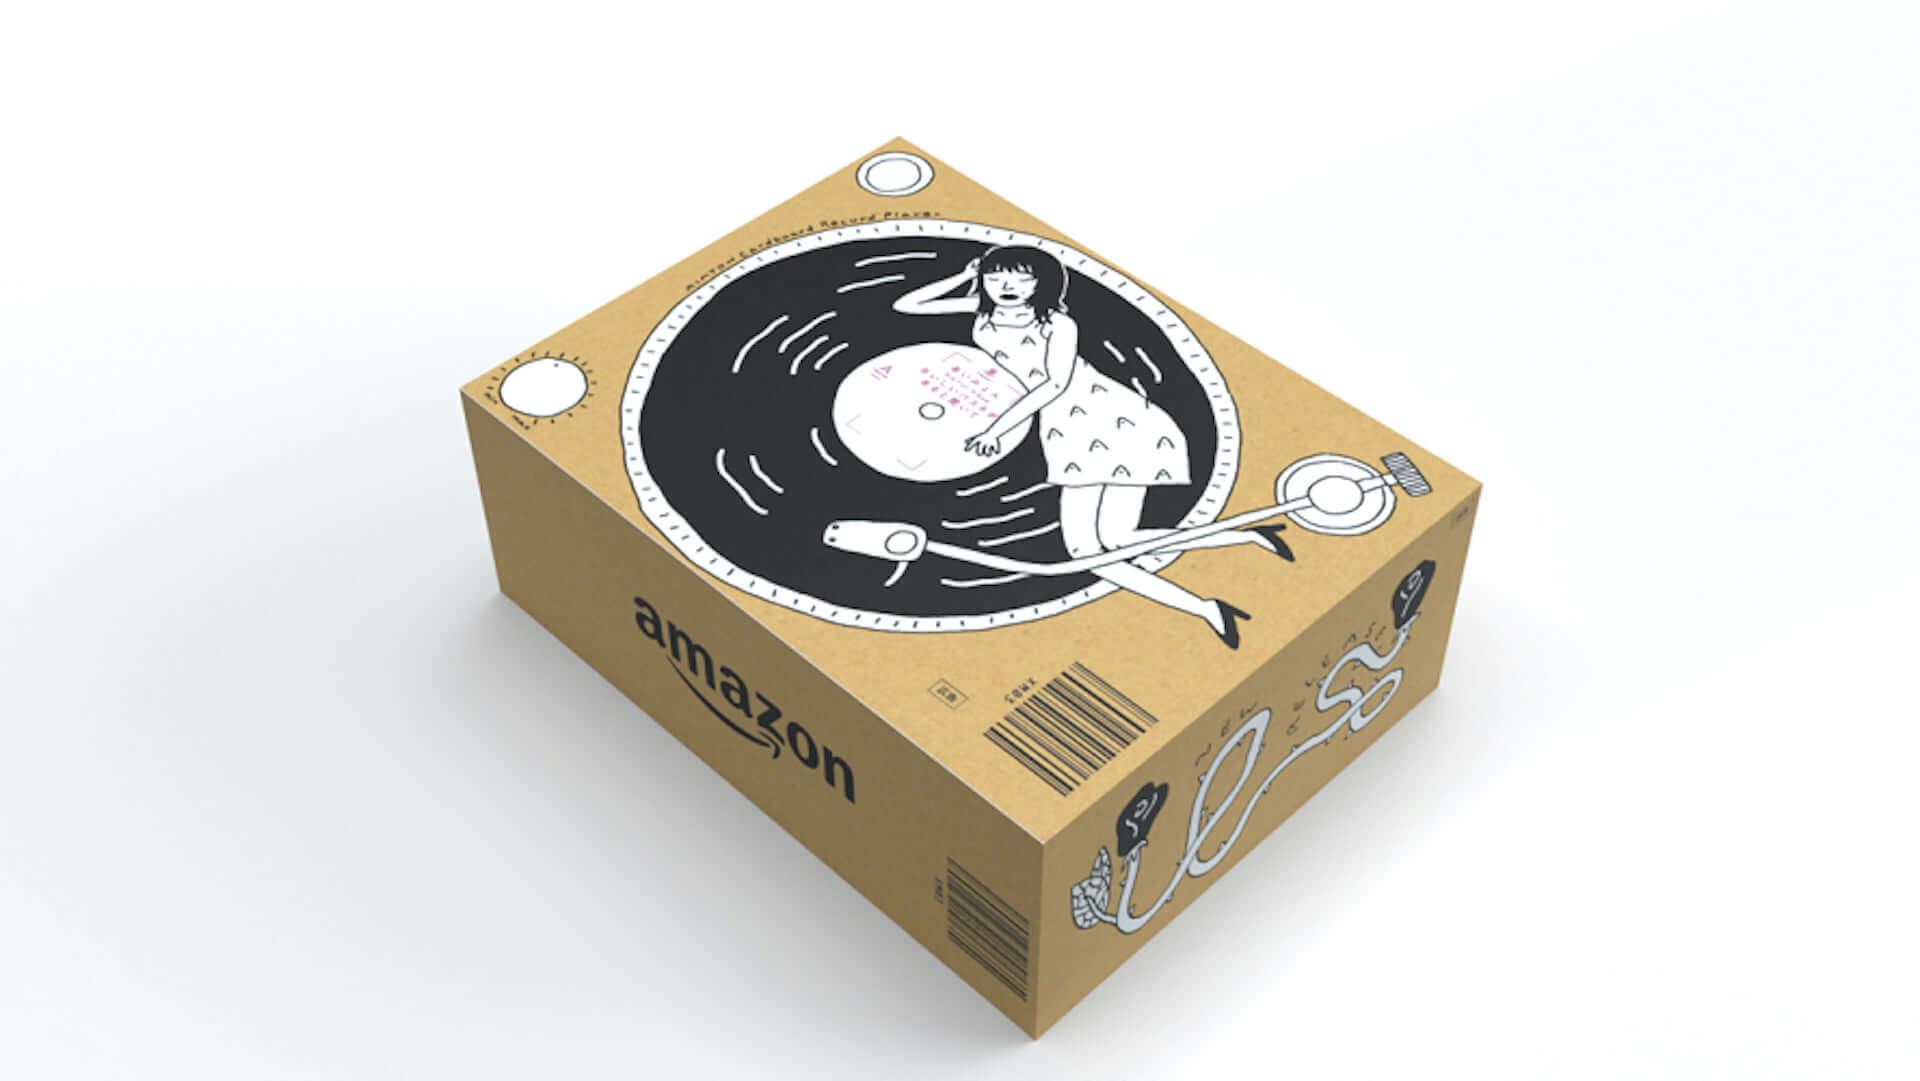 Amazonの梱包ボックスがあいみょん仕様に!とんだ林蘭が手掛ける『あいみょんオリジナルBox』が発送スタート music200911_aimyon_1-1920x1081